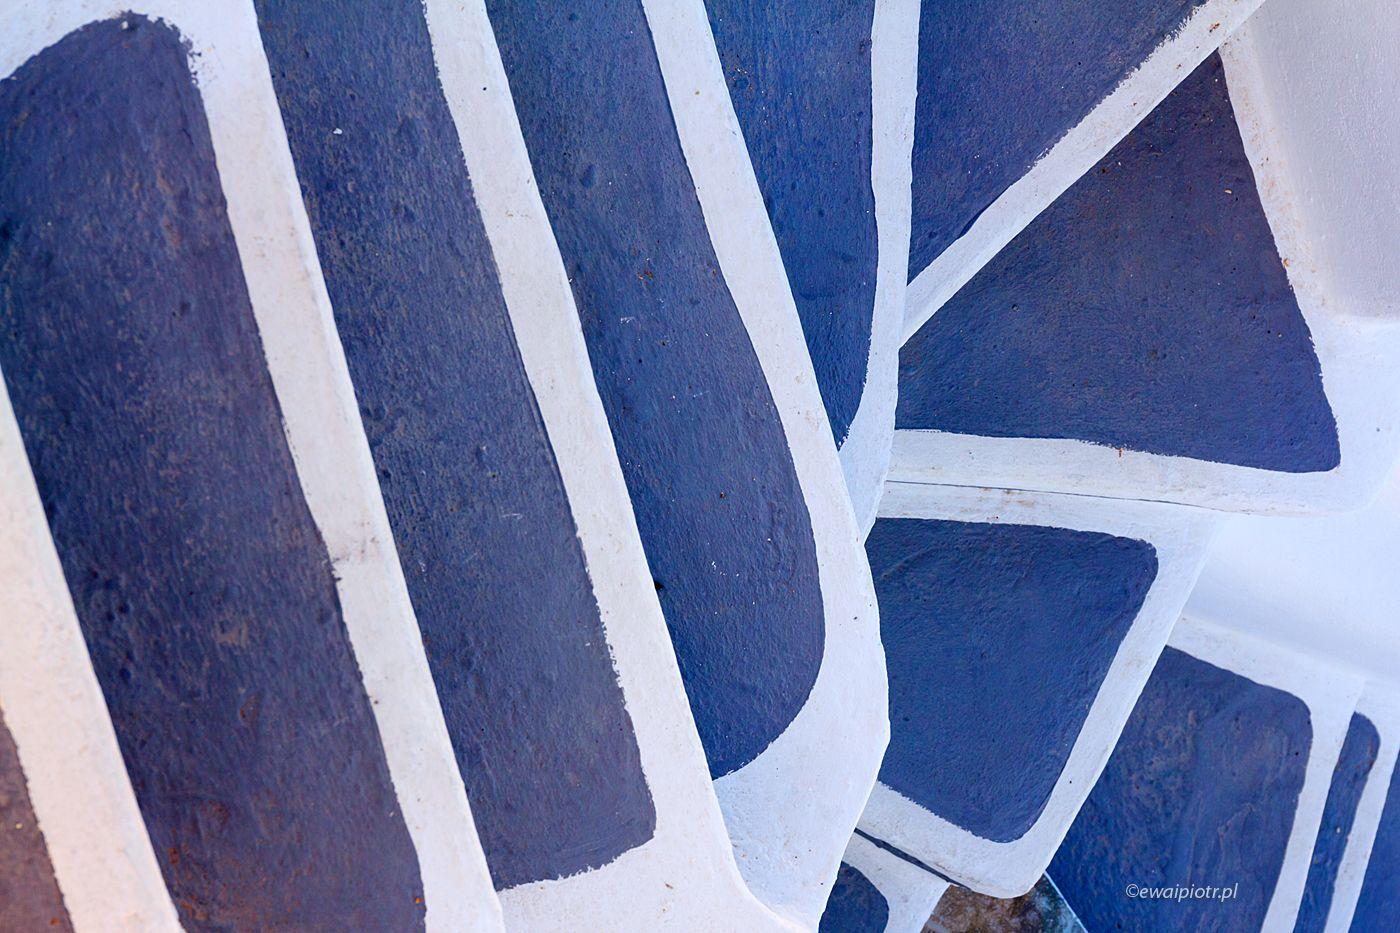 Schody na Santorini, wersja niebieska